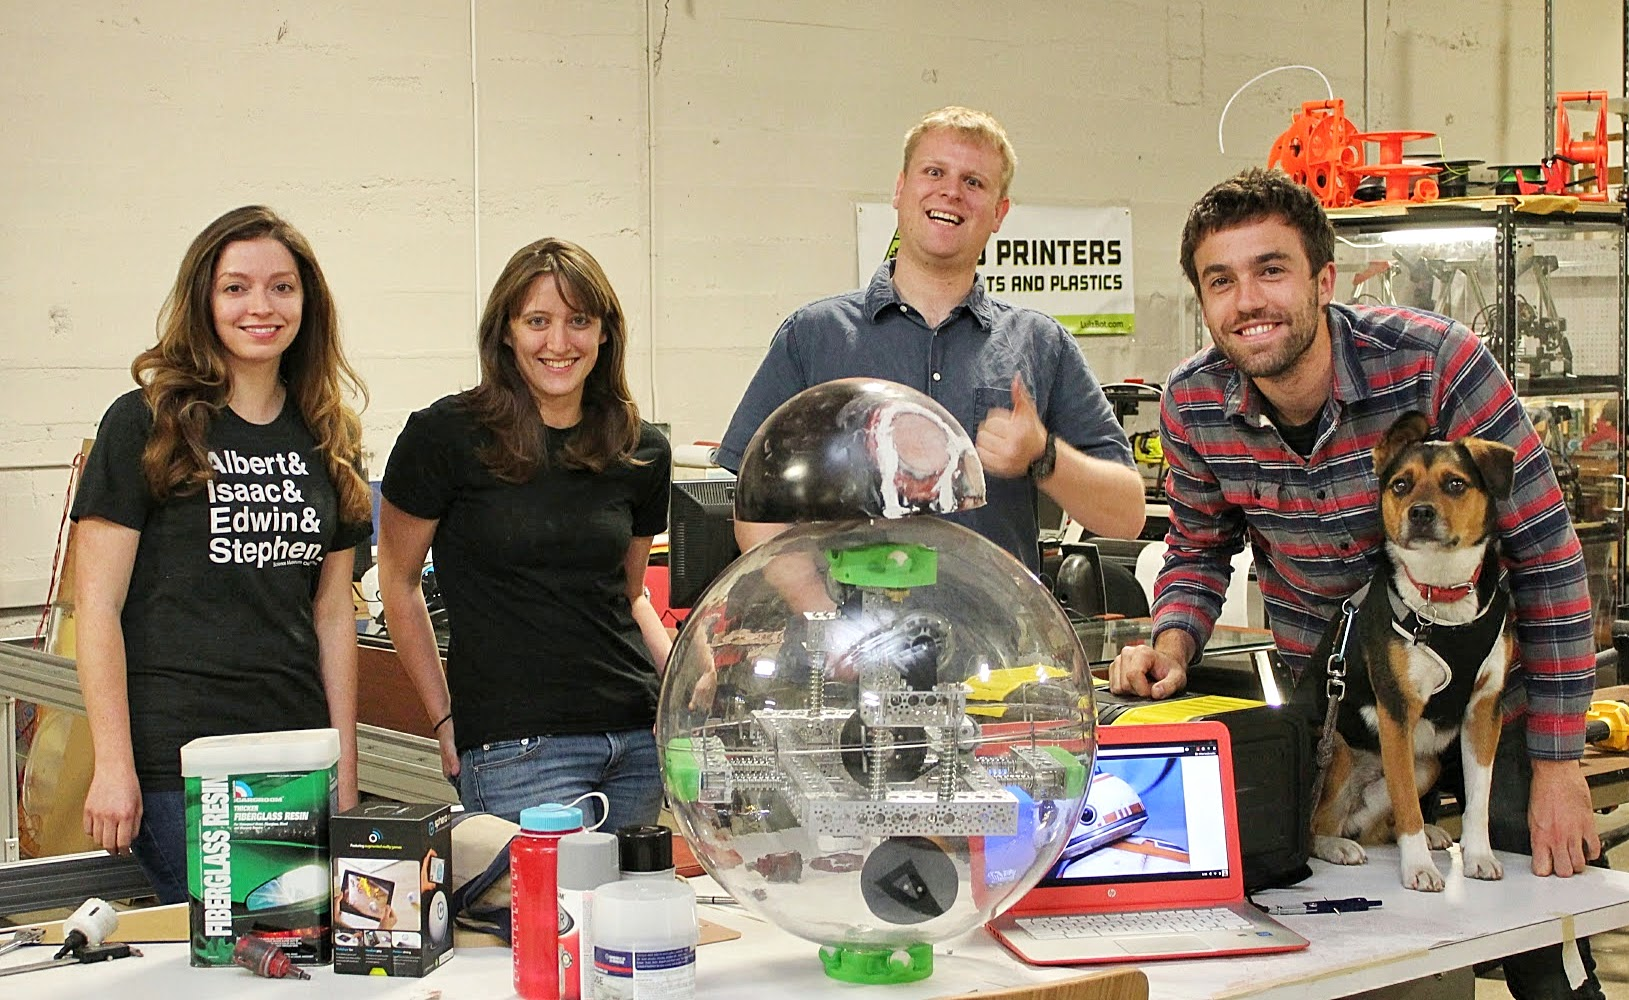 Team Builds Open Source BB-8 Robot